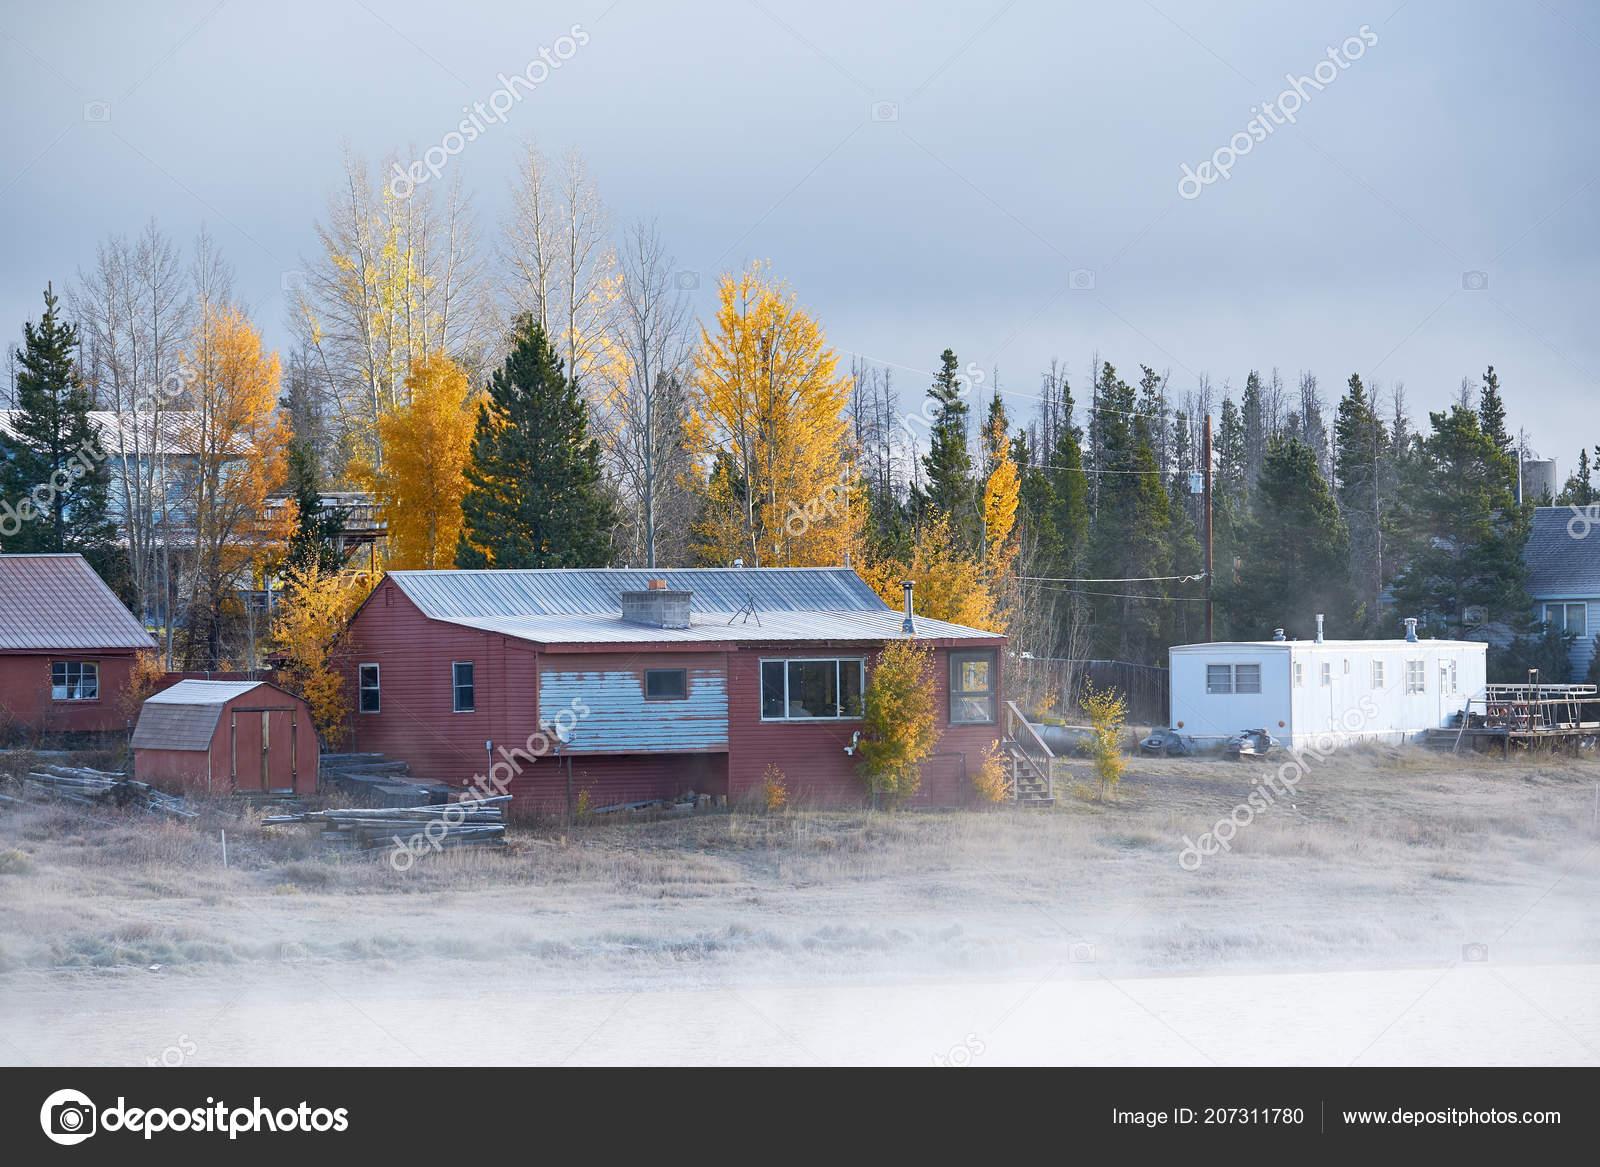 Morgen Nebel Herbstlandschaft Shadow Mountain Lake Mit Häuser